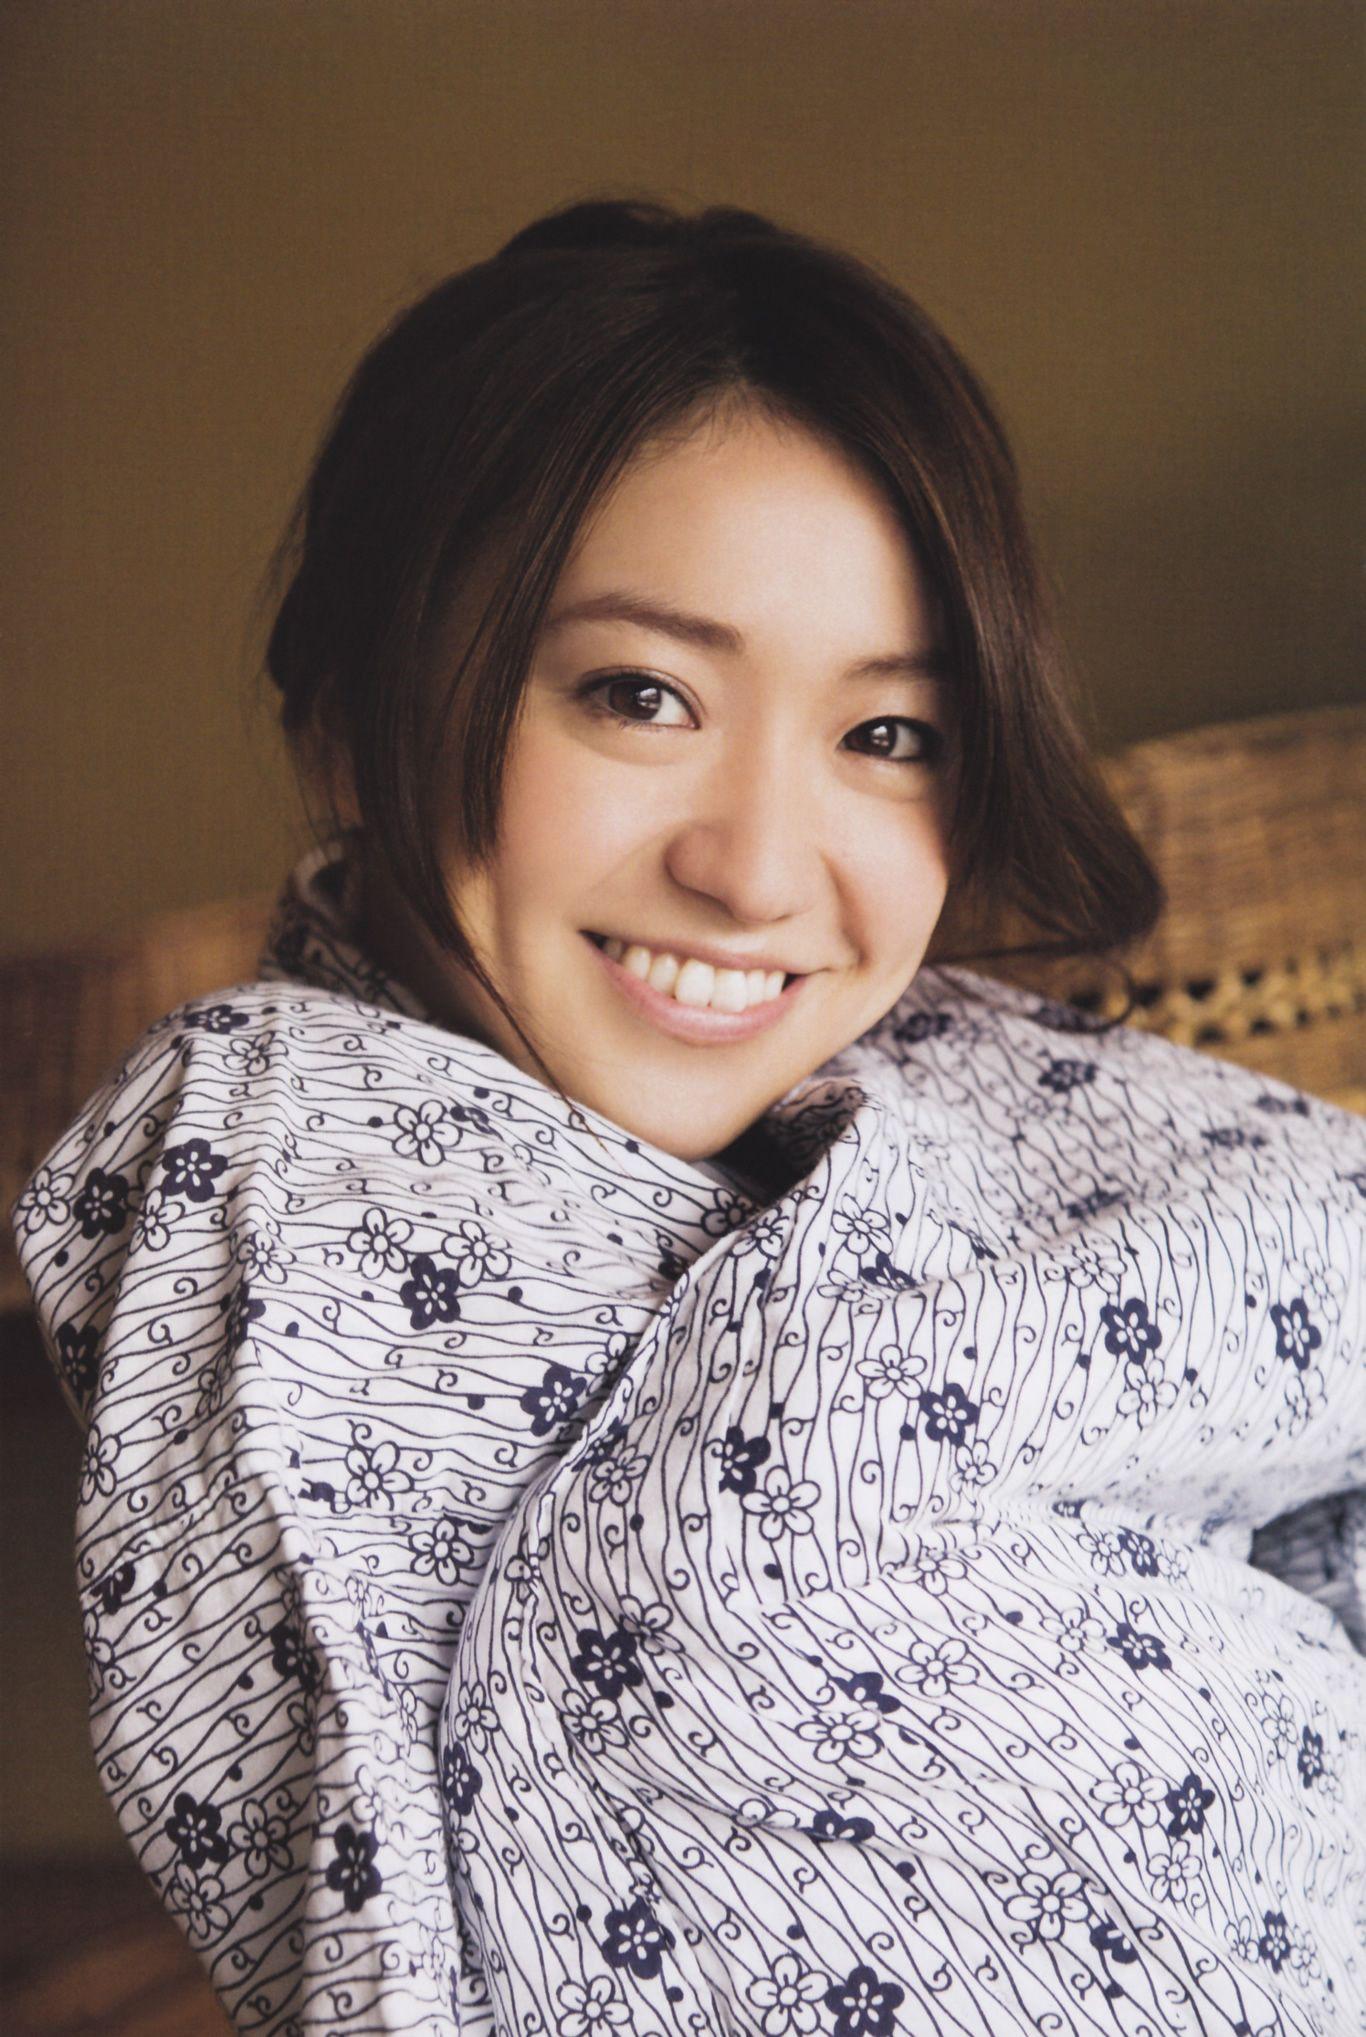 akb48 second generation おしゃれまとめの人気アイデア pinterest tony chu 大島優子 パーカー女子 水着